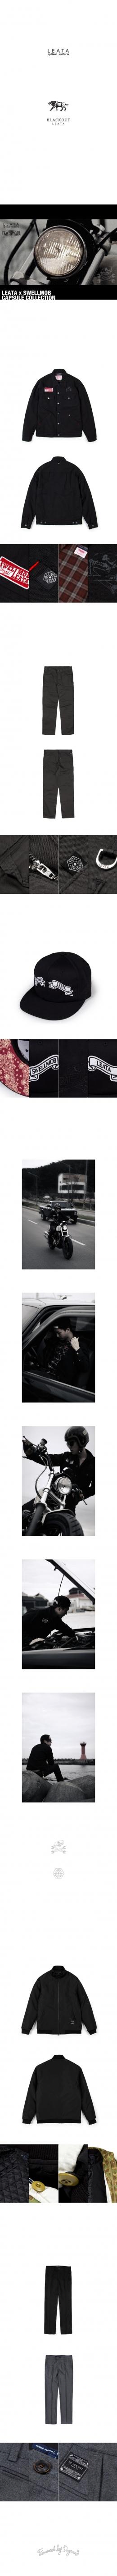 [리타]2011 F/W LEATA 발매소식입니다.